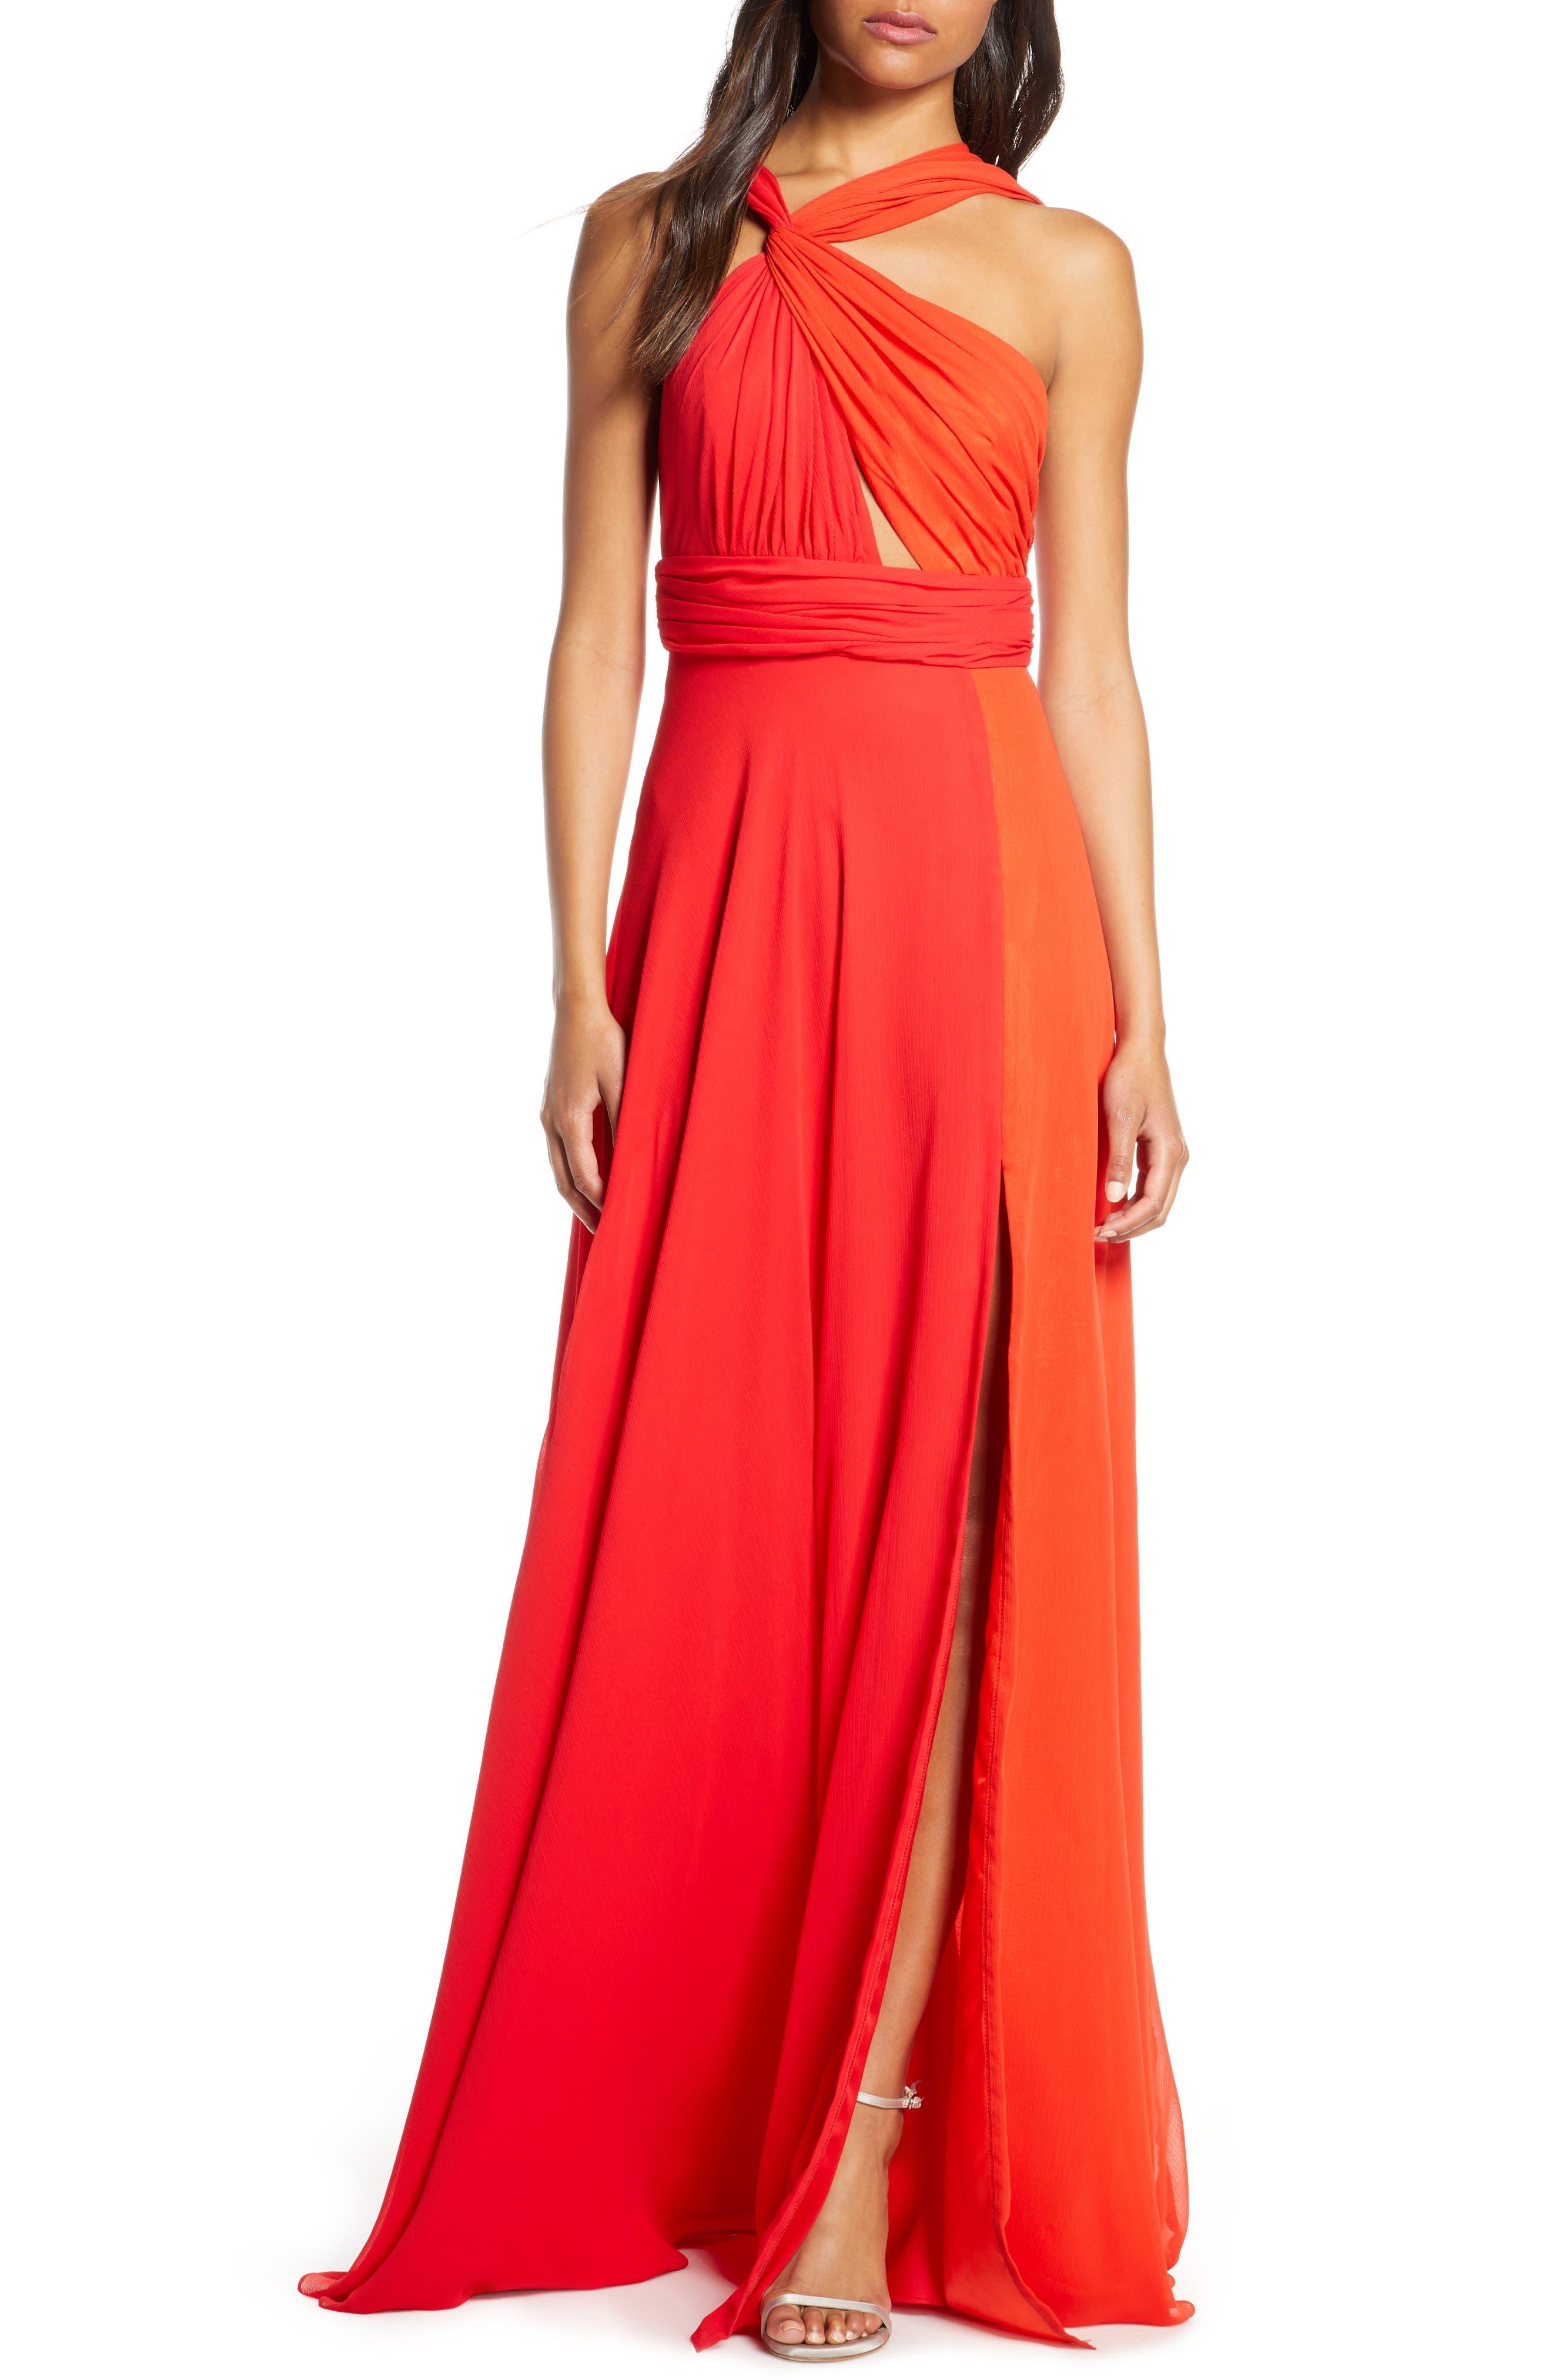 Jill Jill Stuart Two-Tone Twist Neck Chiffon Evening Gown, Red